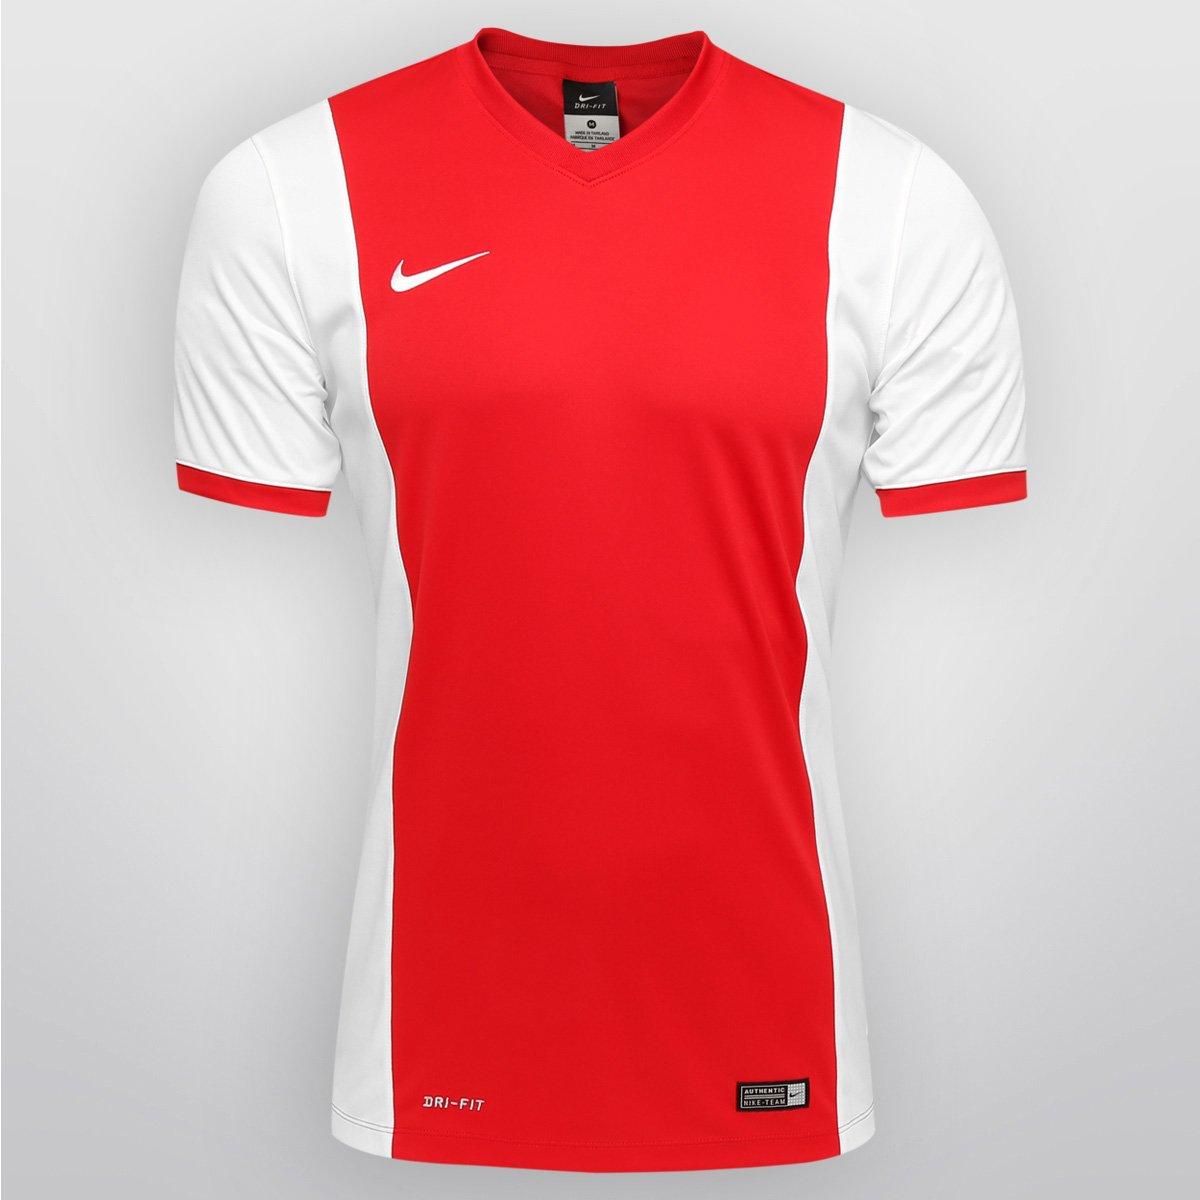 9f0e1951a442a Camisa Nike Park Derby - Compre Agora